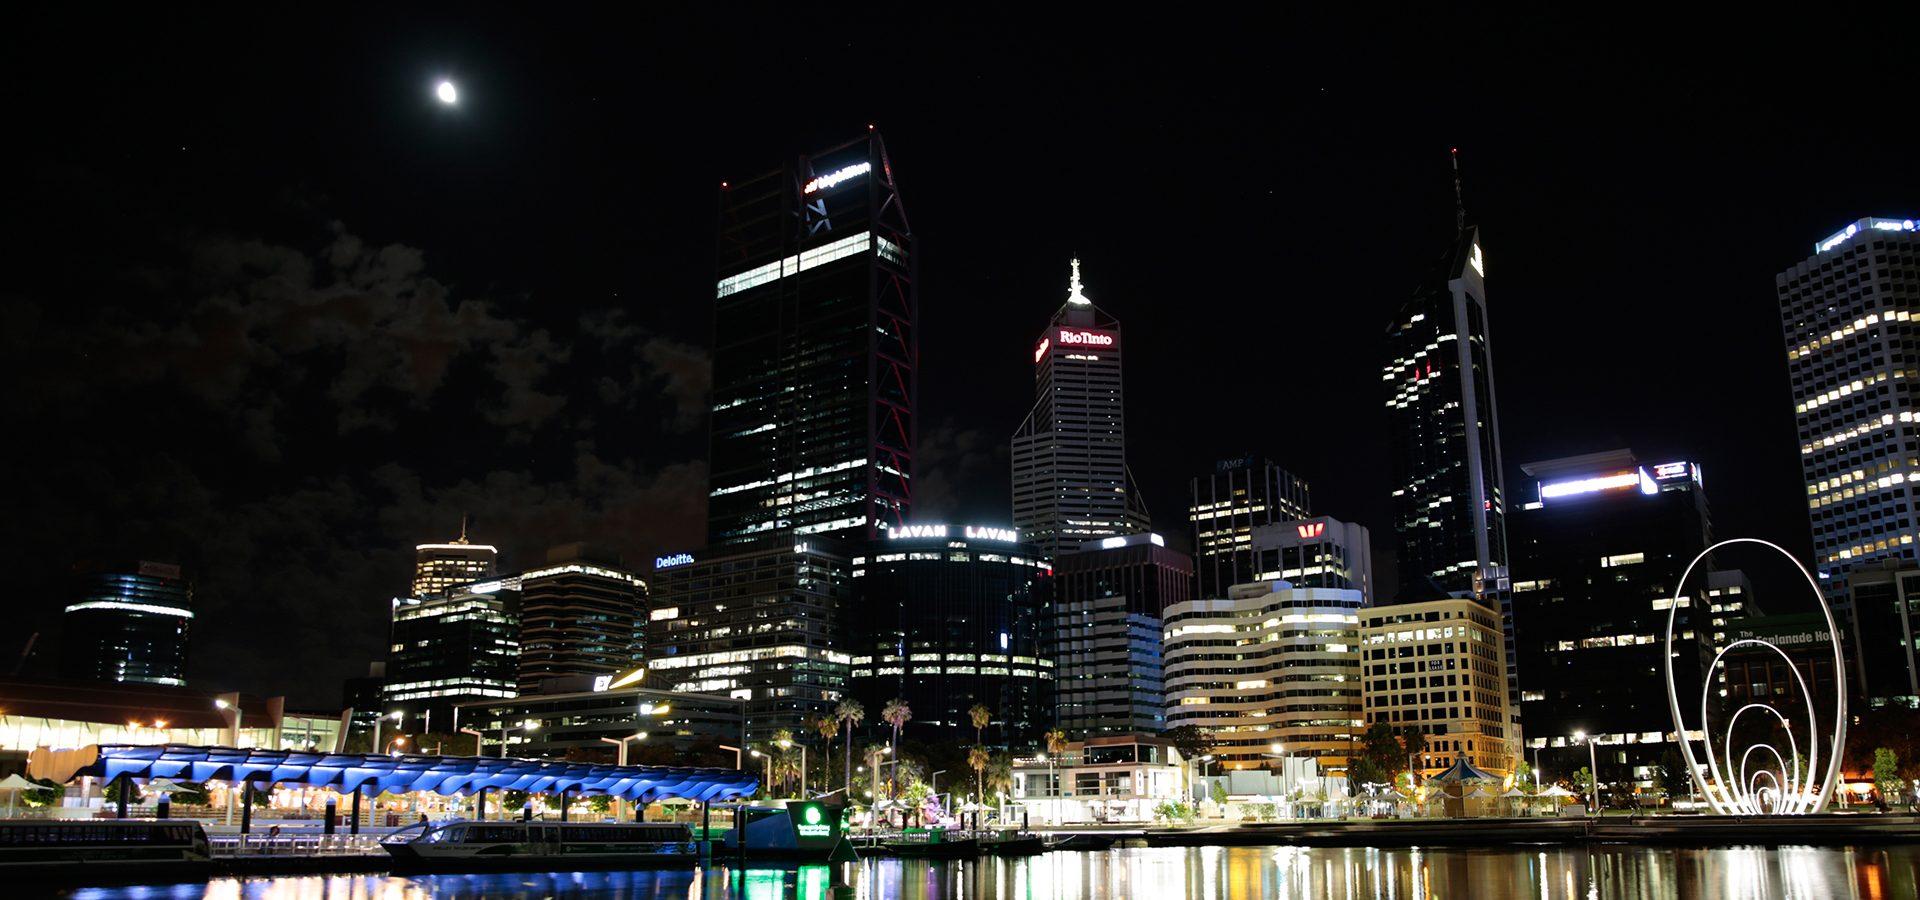 Perth une ville pleine de vie - Australie Occidentale - WA